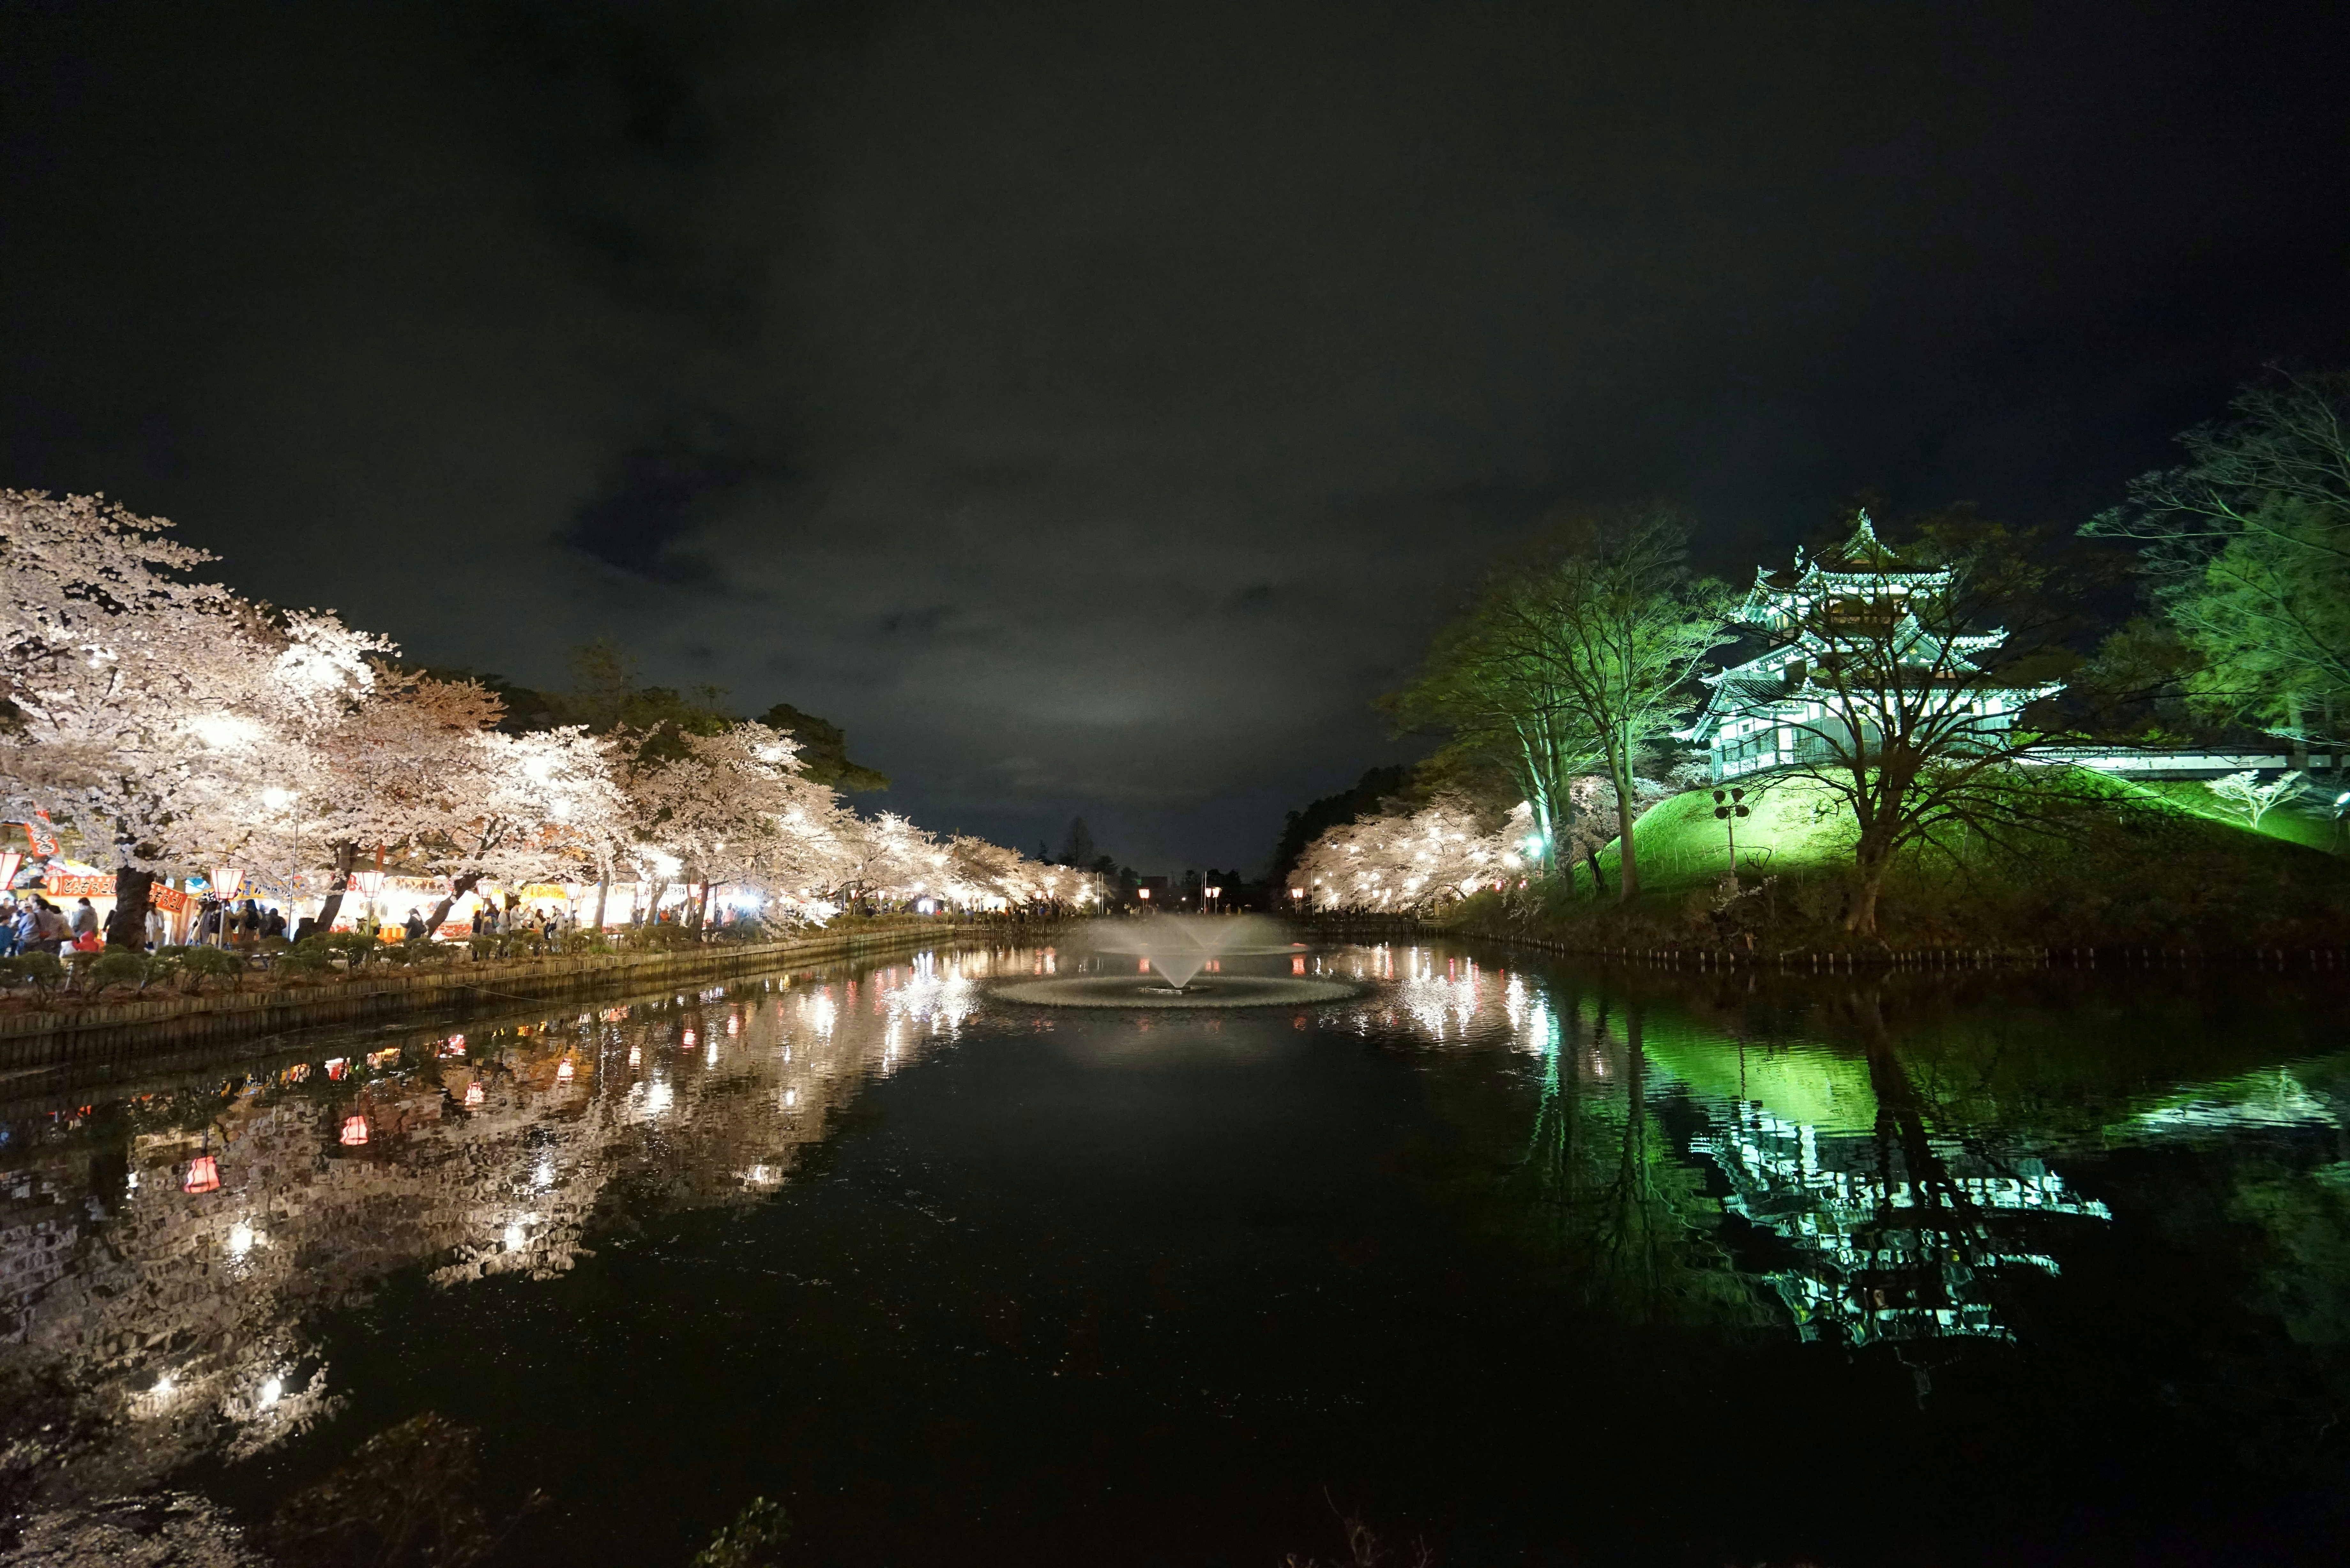 203:「高田公園の観桜会です。流石に規模の大きい夜桜ですね。」@高田公園